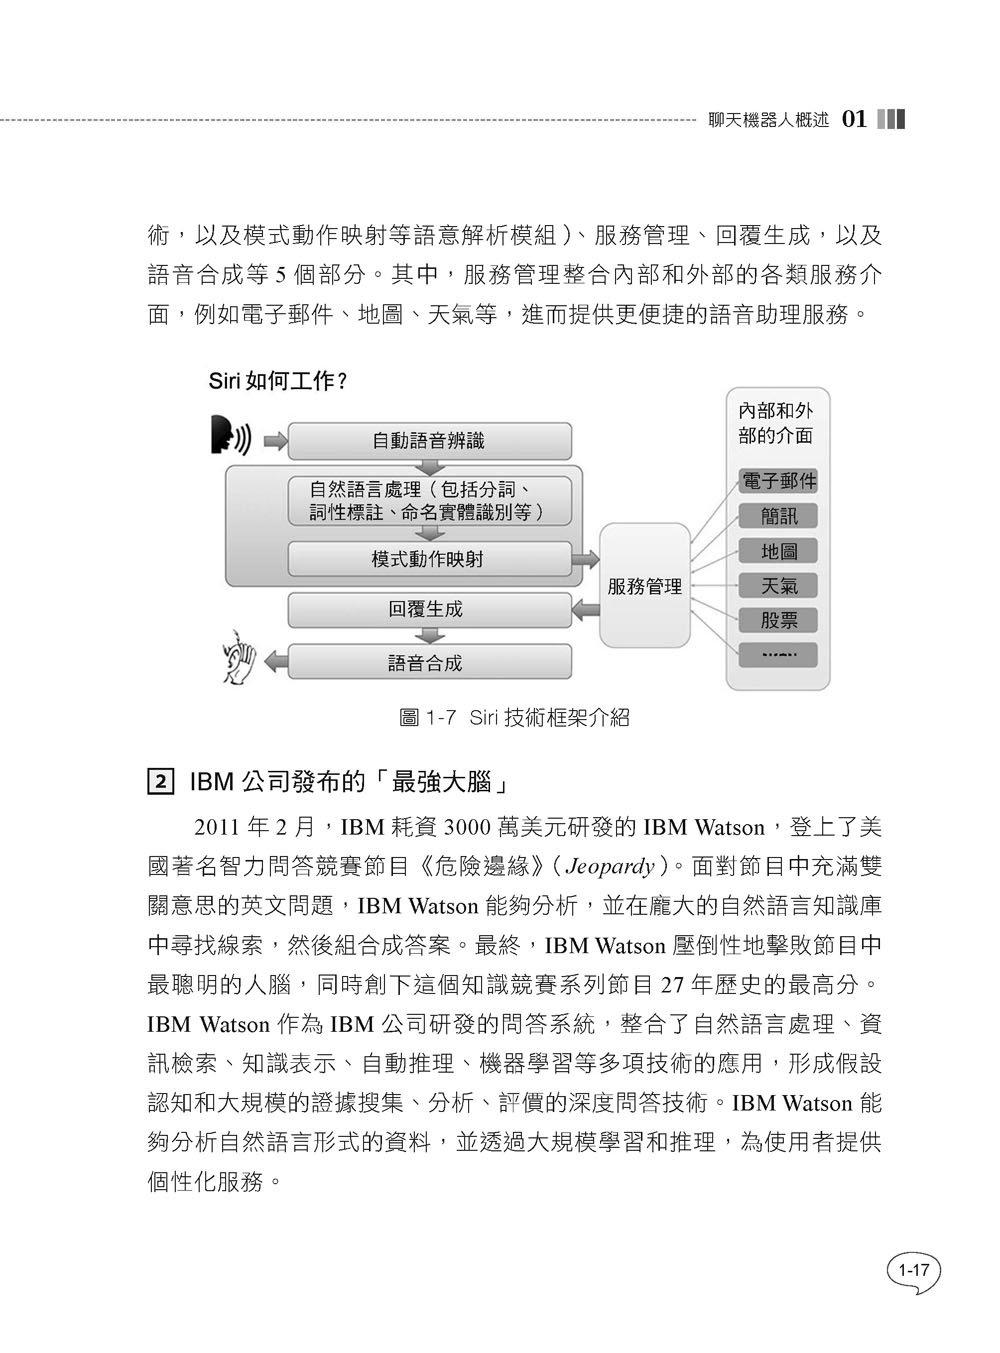 中文自然語言處理實戰:聊天機器人與深度學習整合應用-preview-6